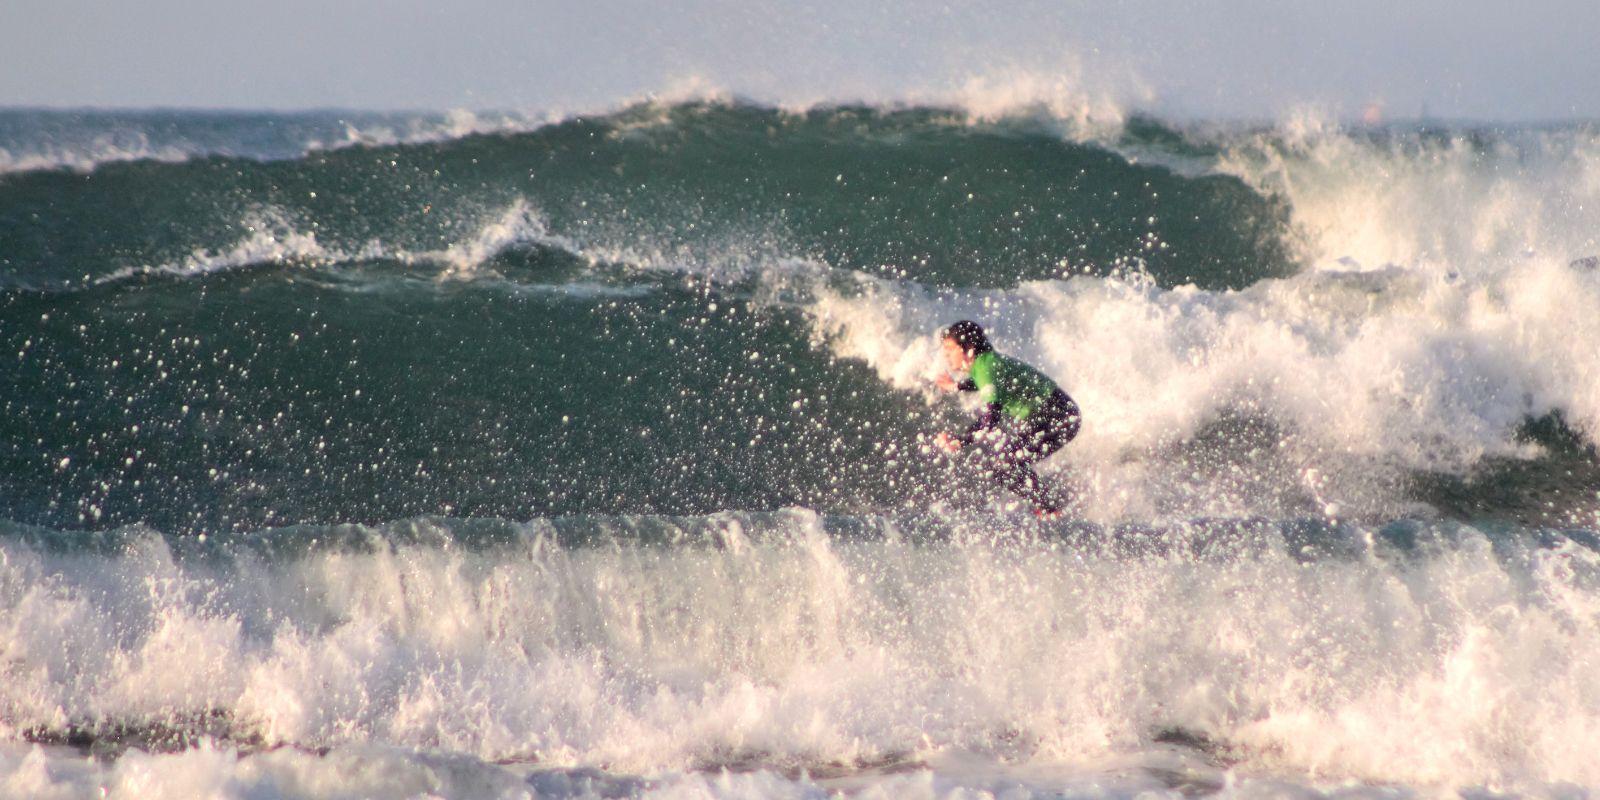 Alumno clase surf perfeccionamiento